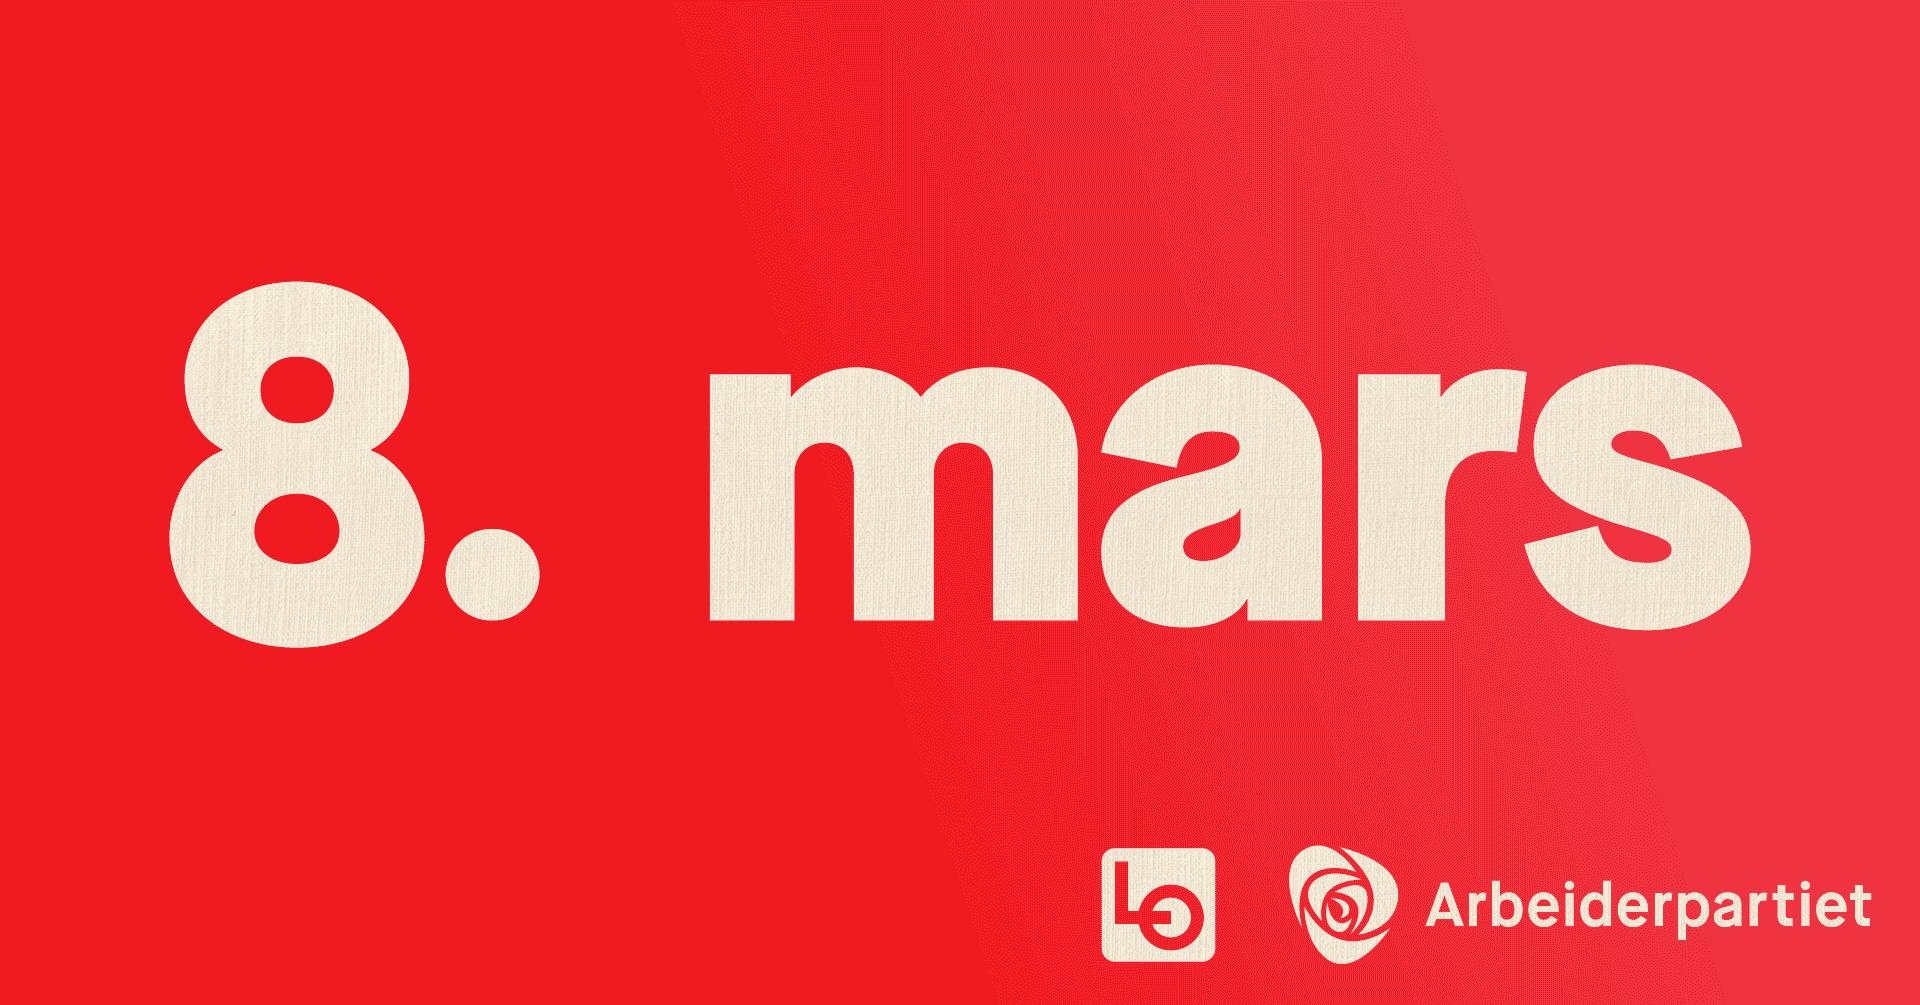 """""""8. mars"""" skrevet med stor skriftstørrelse. Logoen til LO og Arbeiderpartiet nede i hjørnet."""